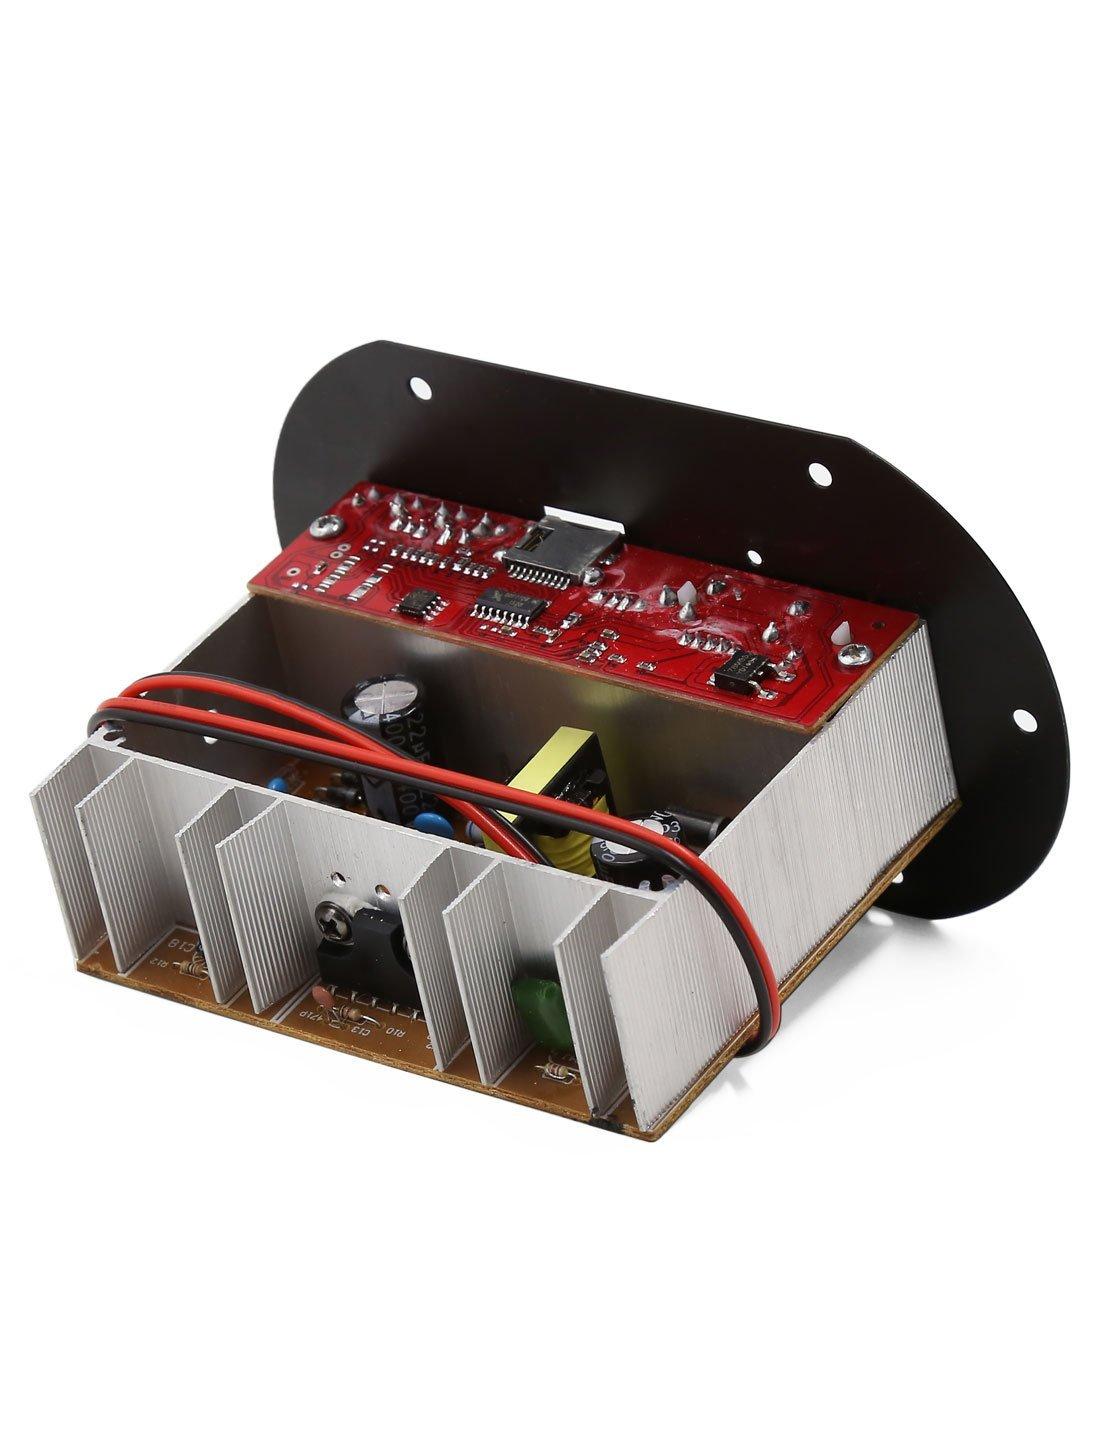 Amazon.com: Tablero del amplificador eDealMax 12V / 24V MP3 decodificador de Audio Potencia de altavoces Para coche: Car Electronics